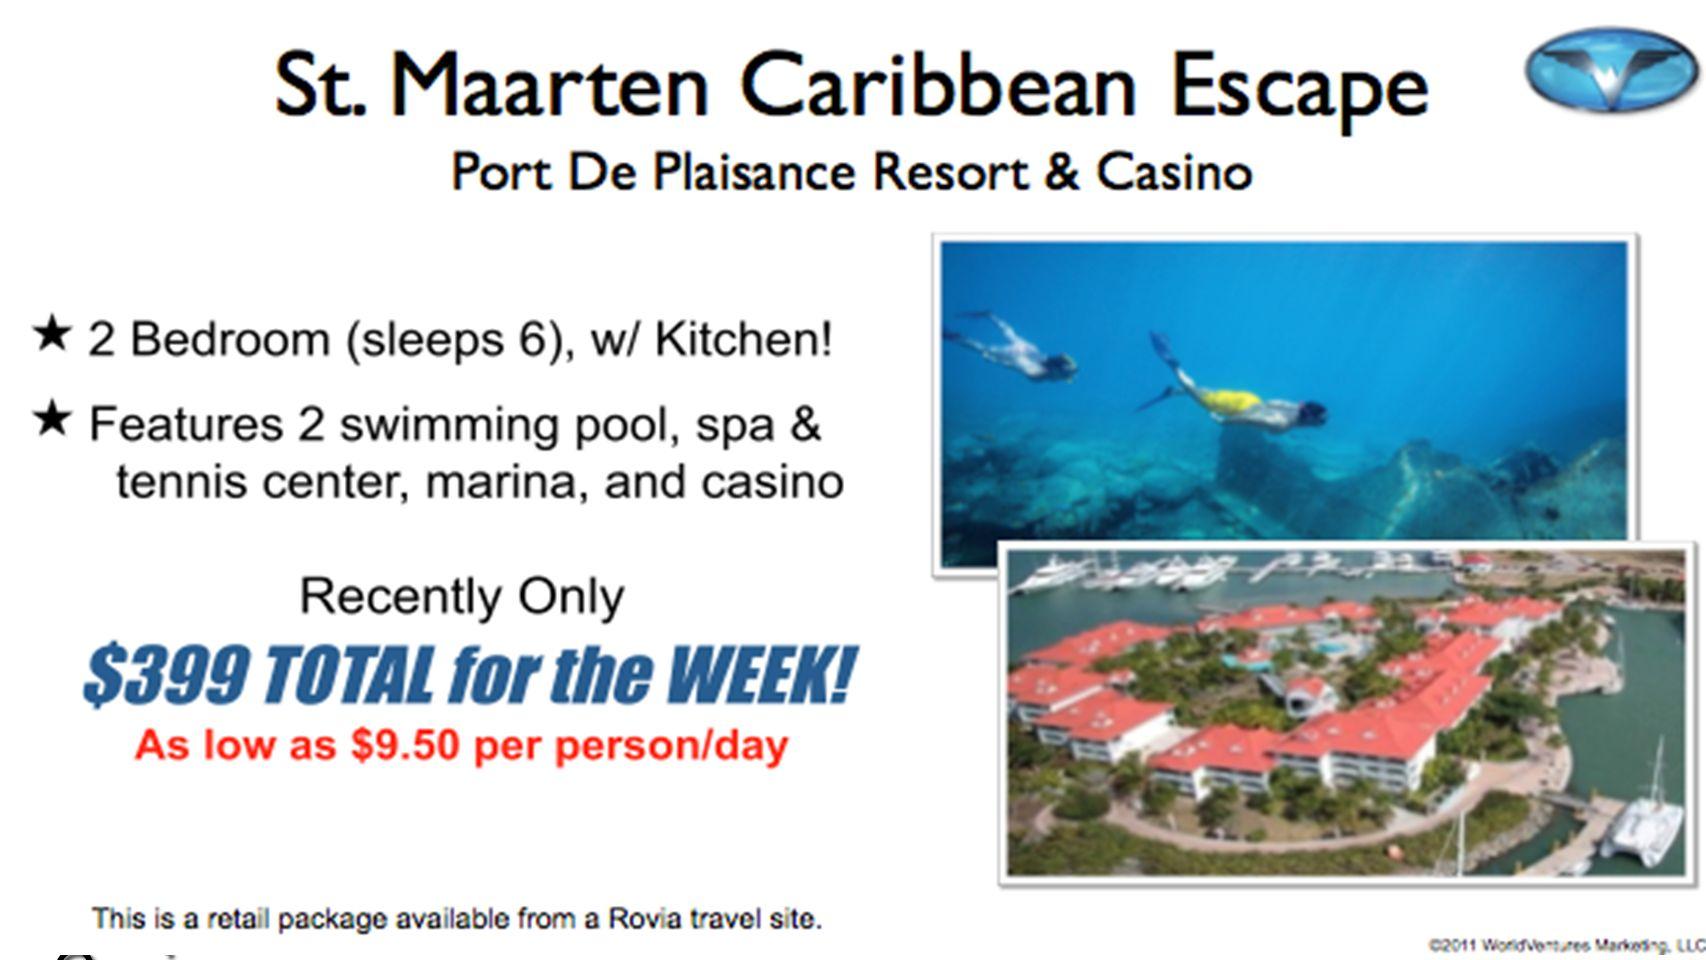 St. Marten Caribbean Escape